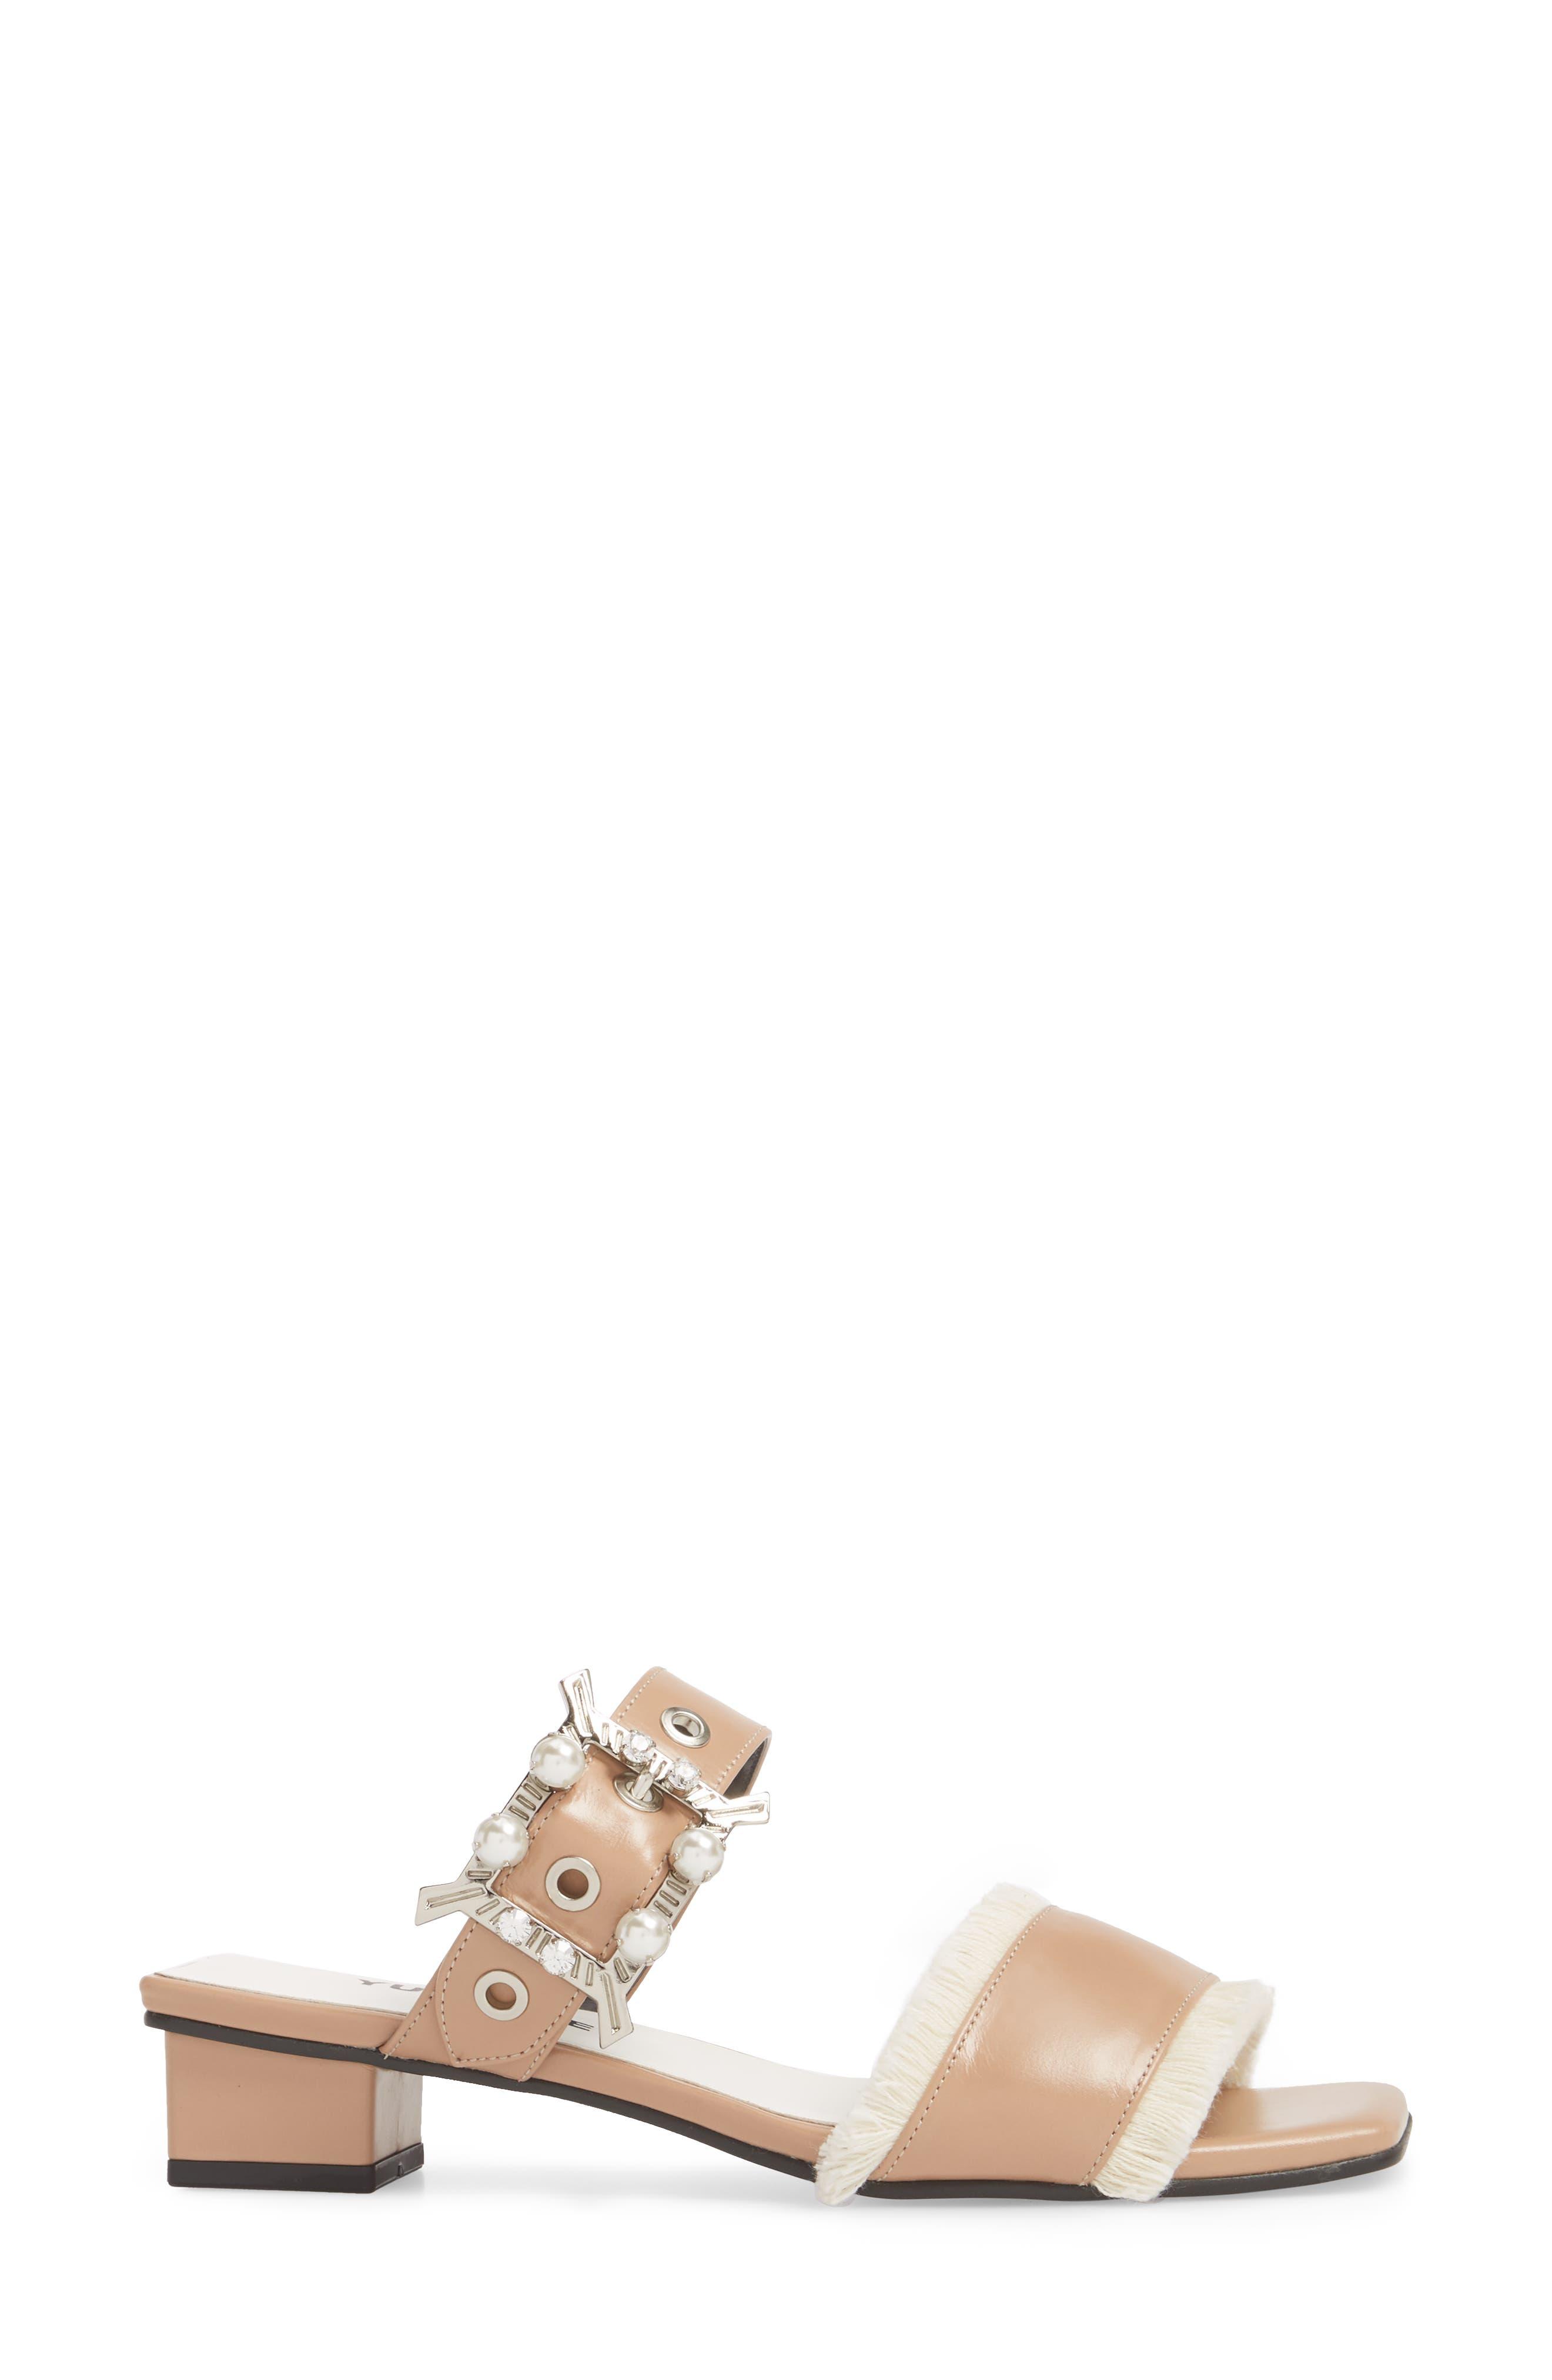 Embellished Slide Sandal,                             Alternate thumbnail 3, color,                             SKIN BEIGE